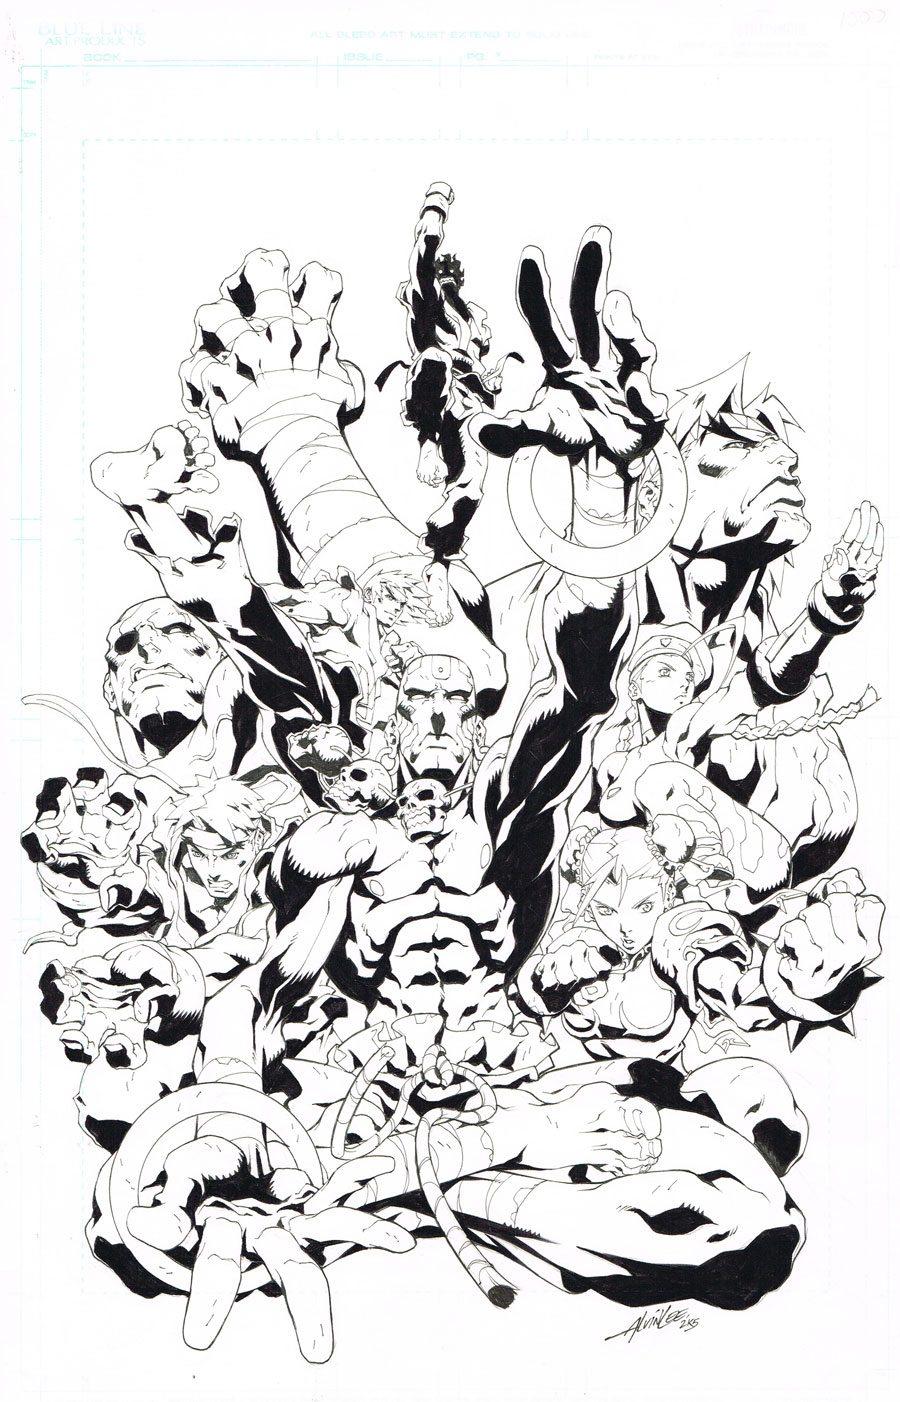 Street Fighter II #2A